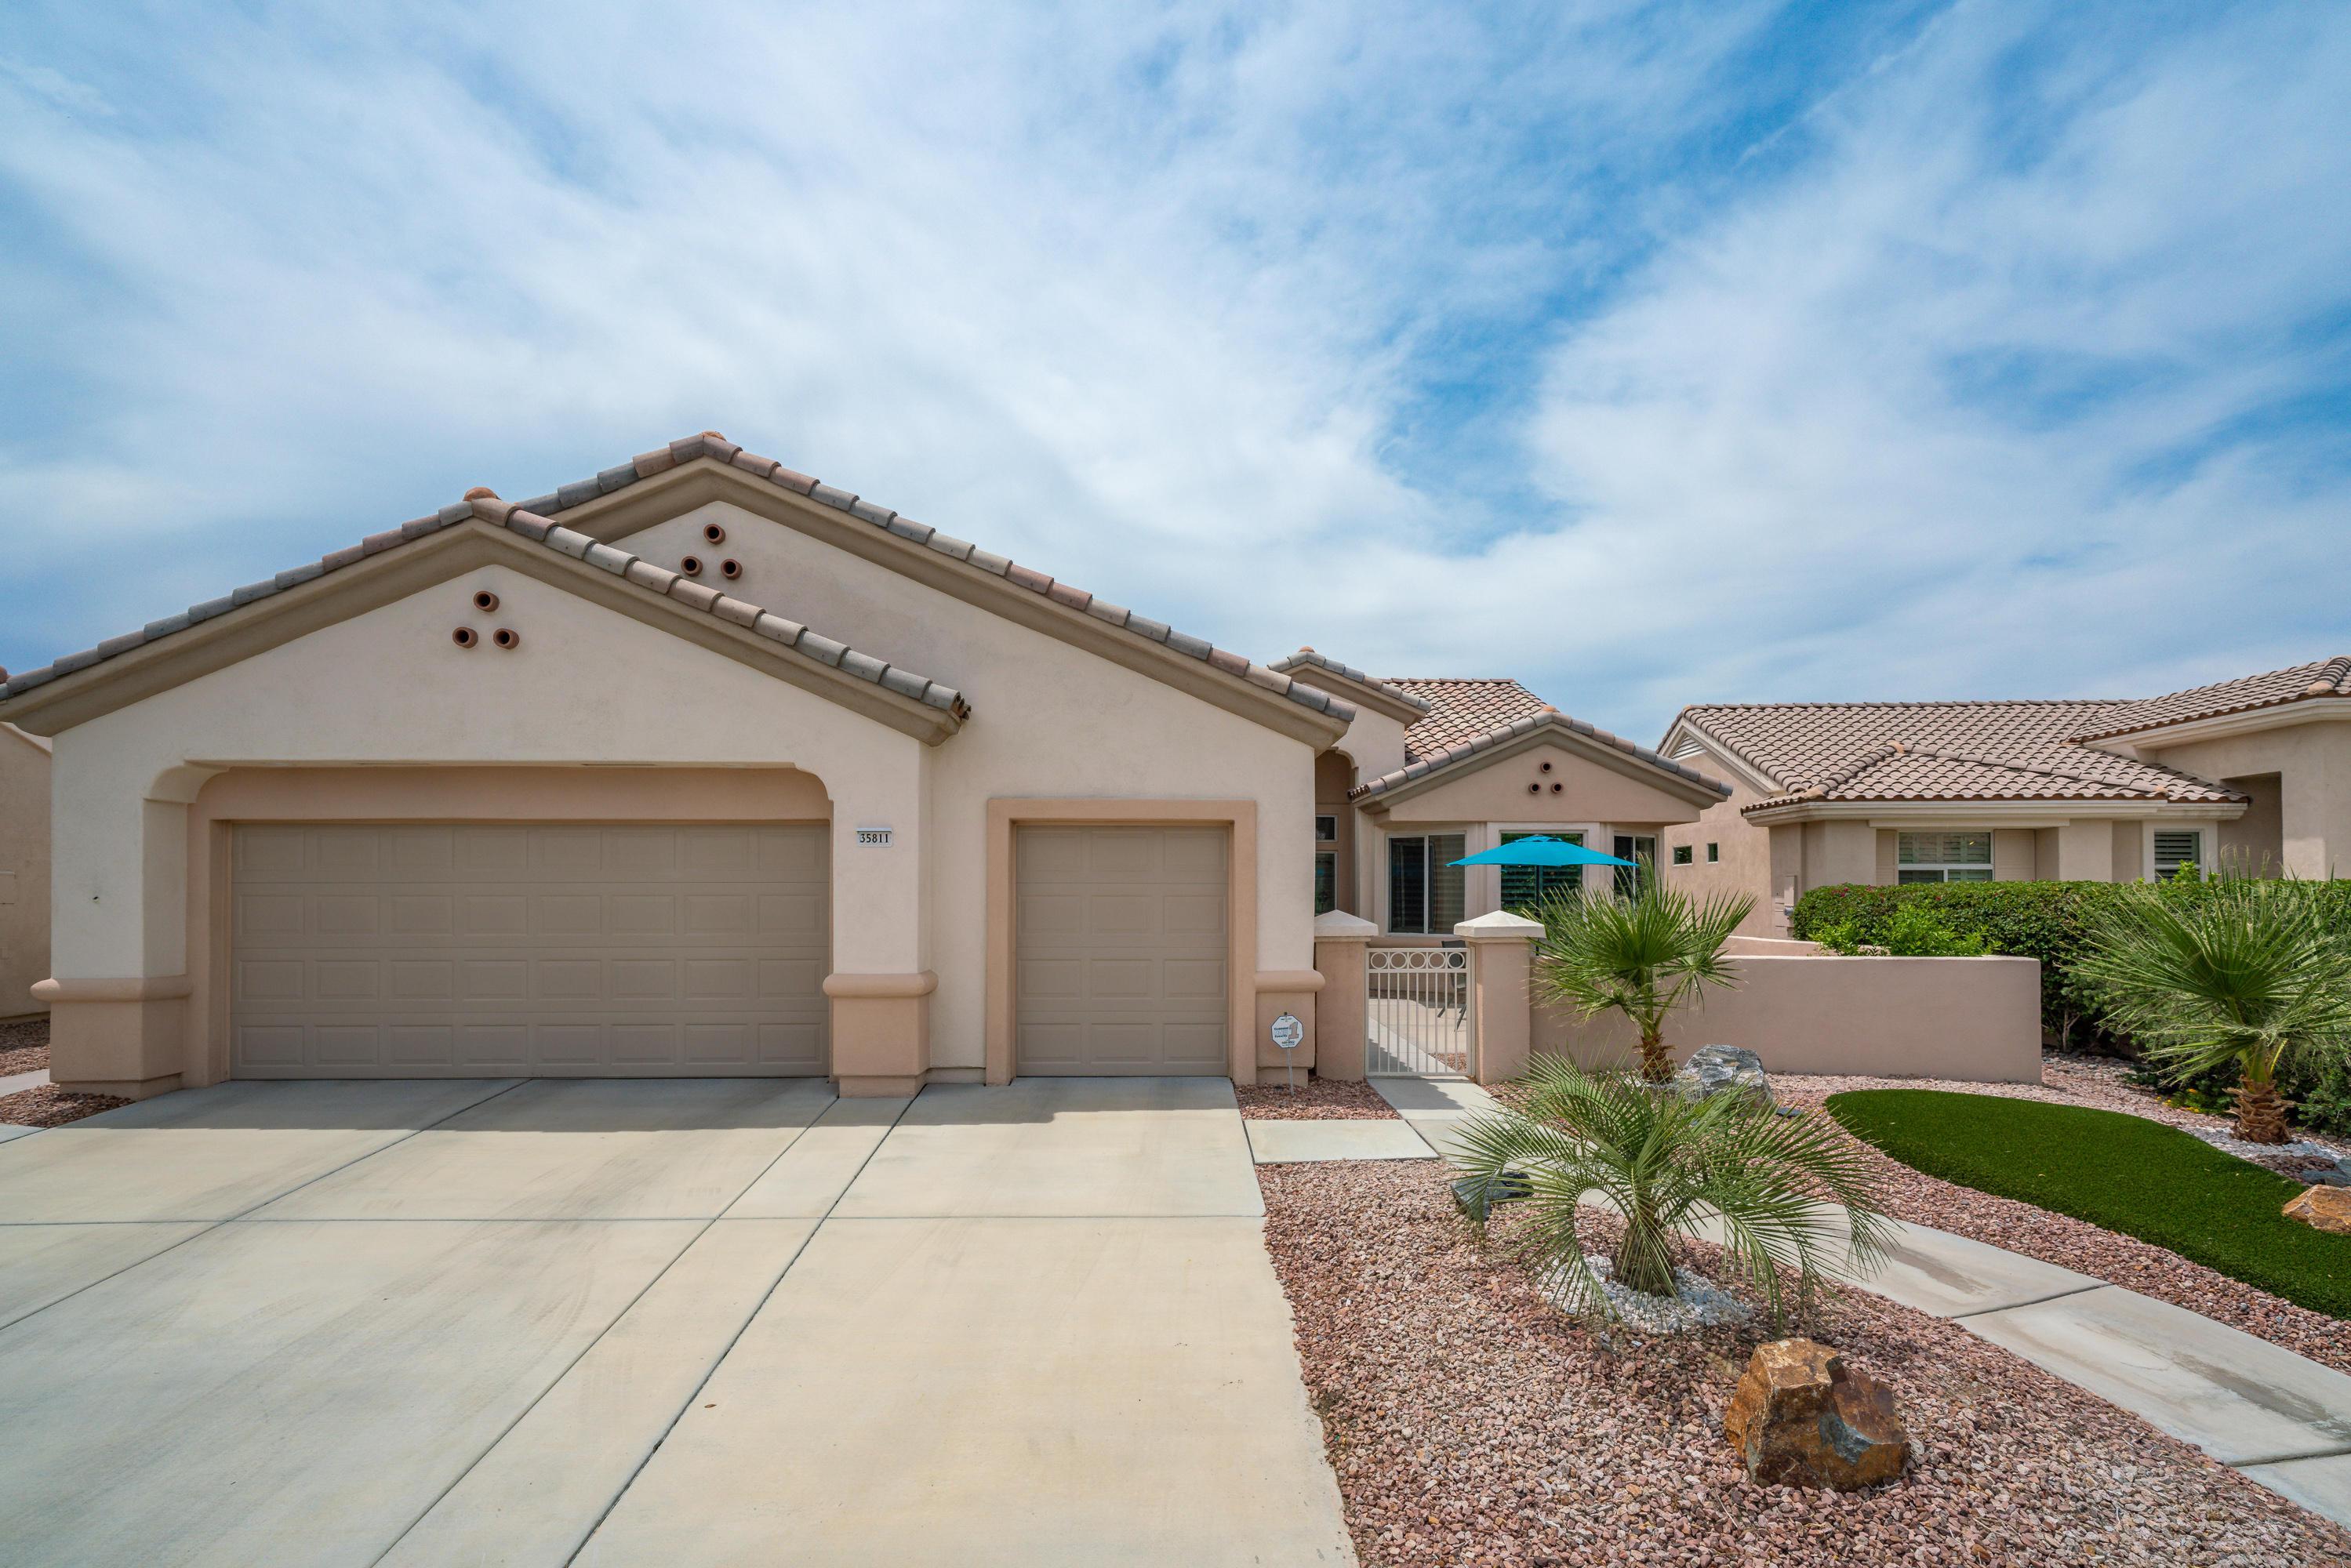 Photo of 35811 Calloway Lane, Palm Desert, CA 92211